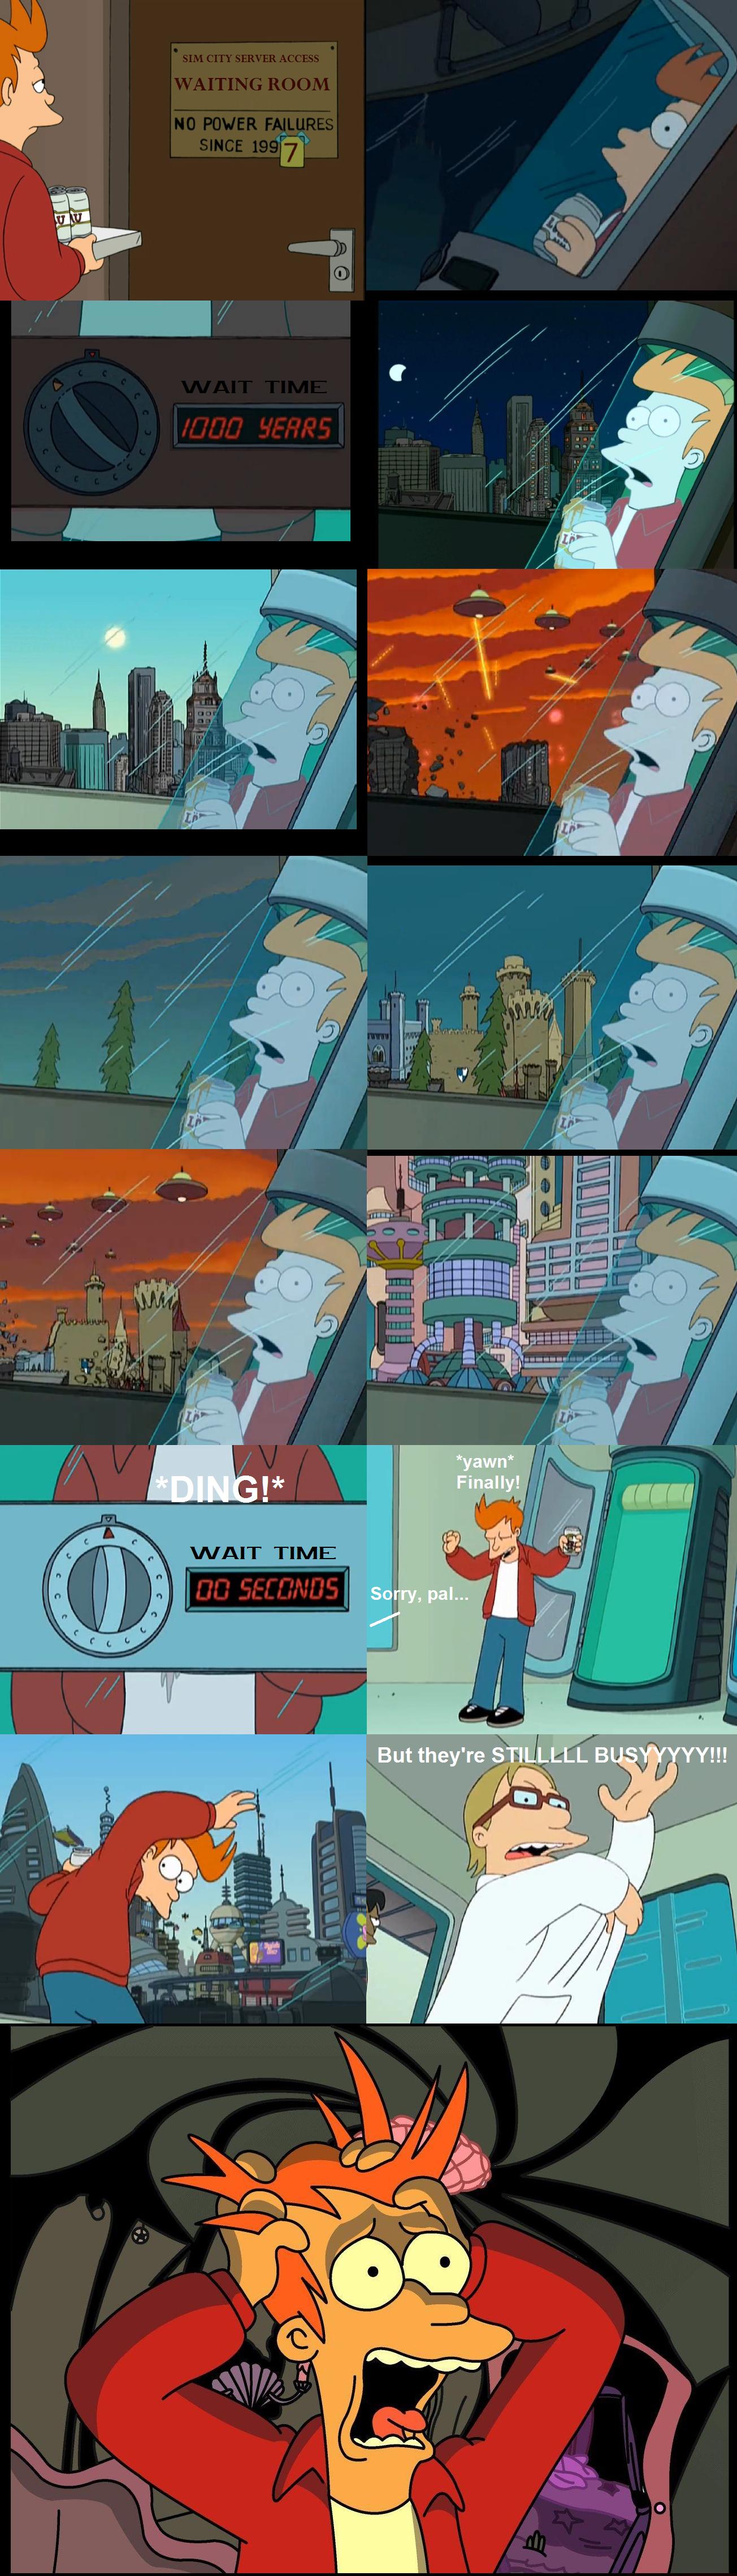 La invasión de los memes E51